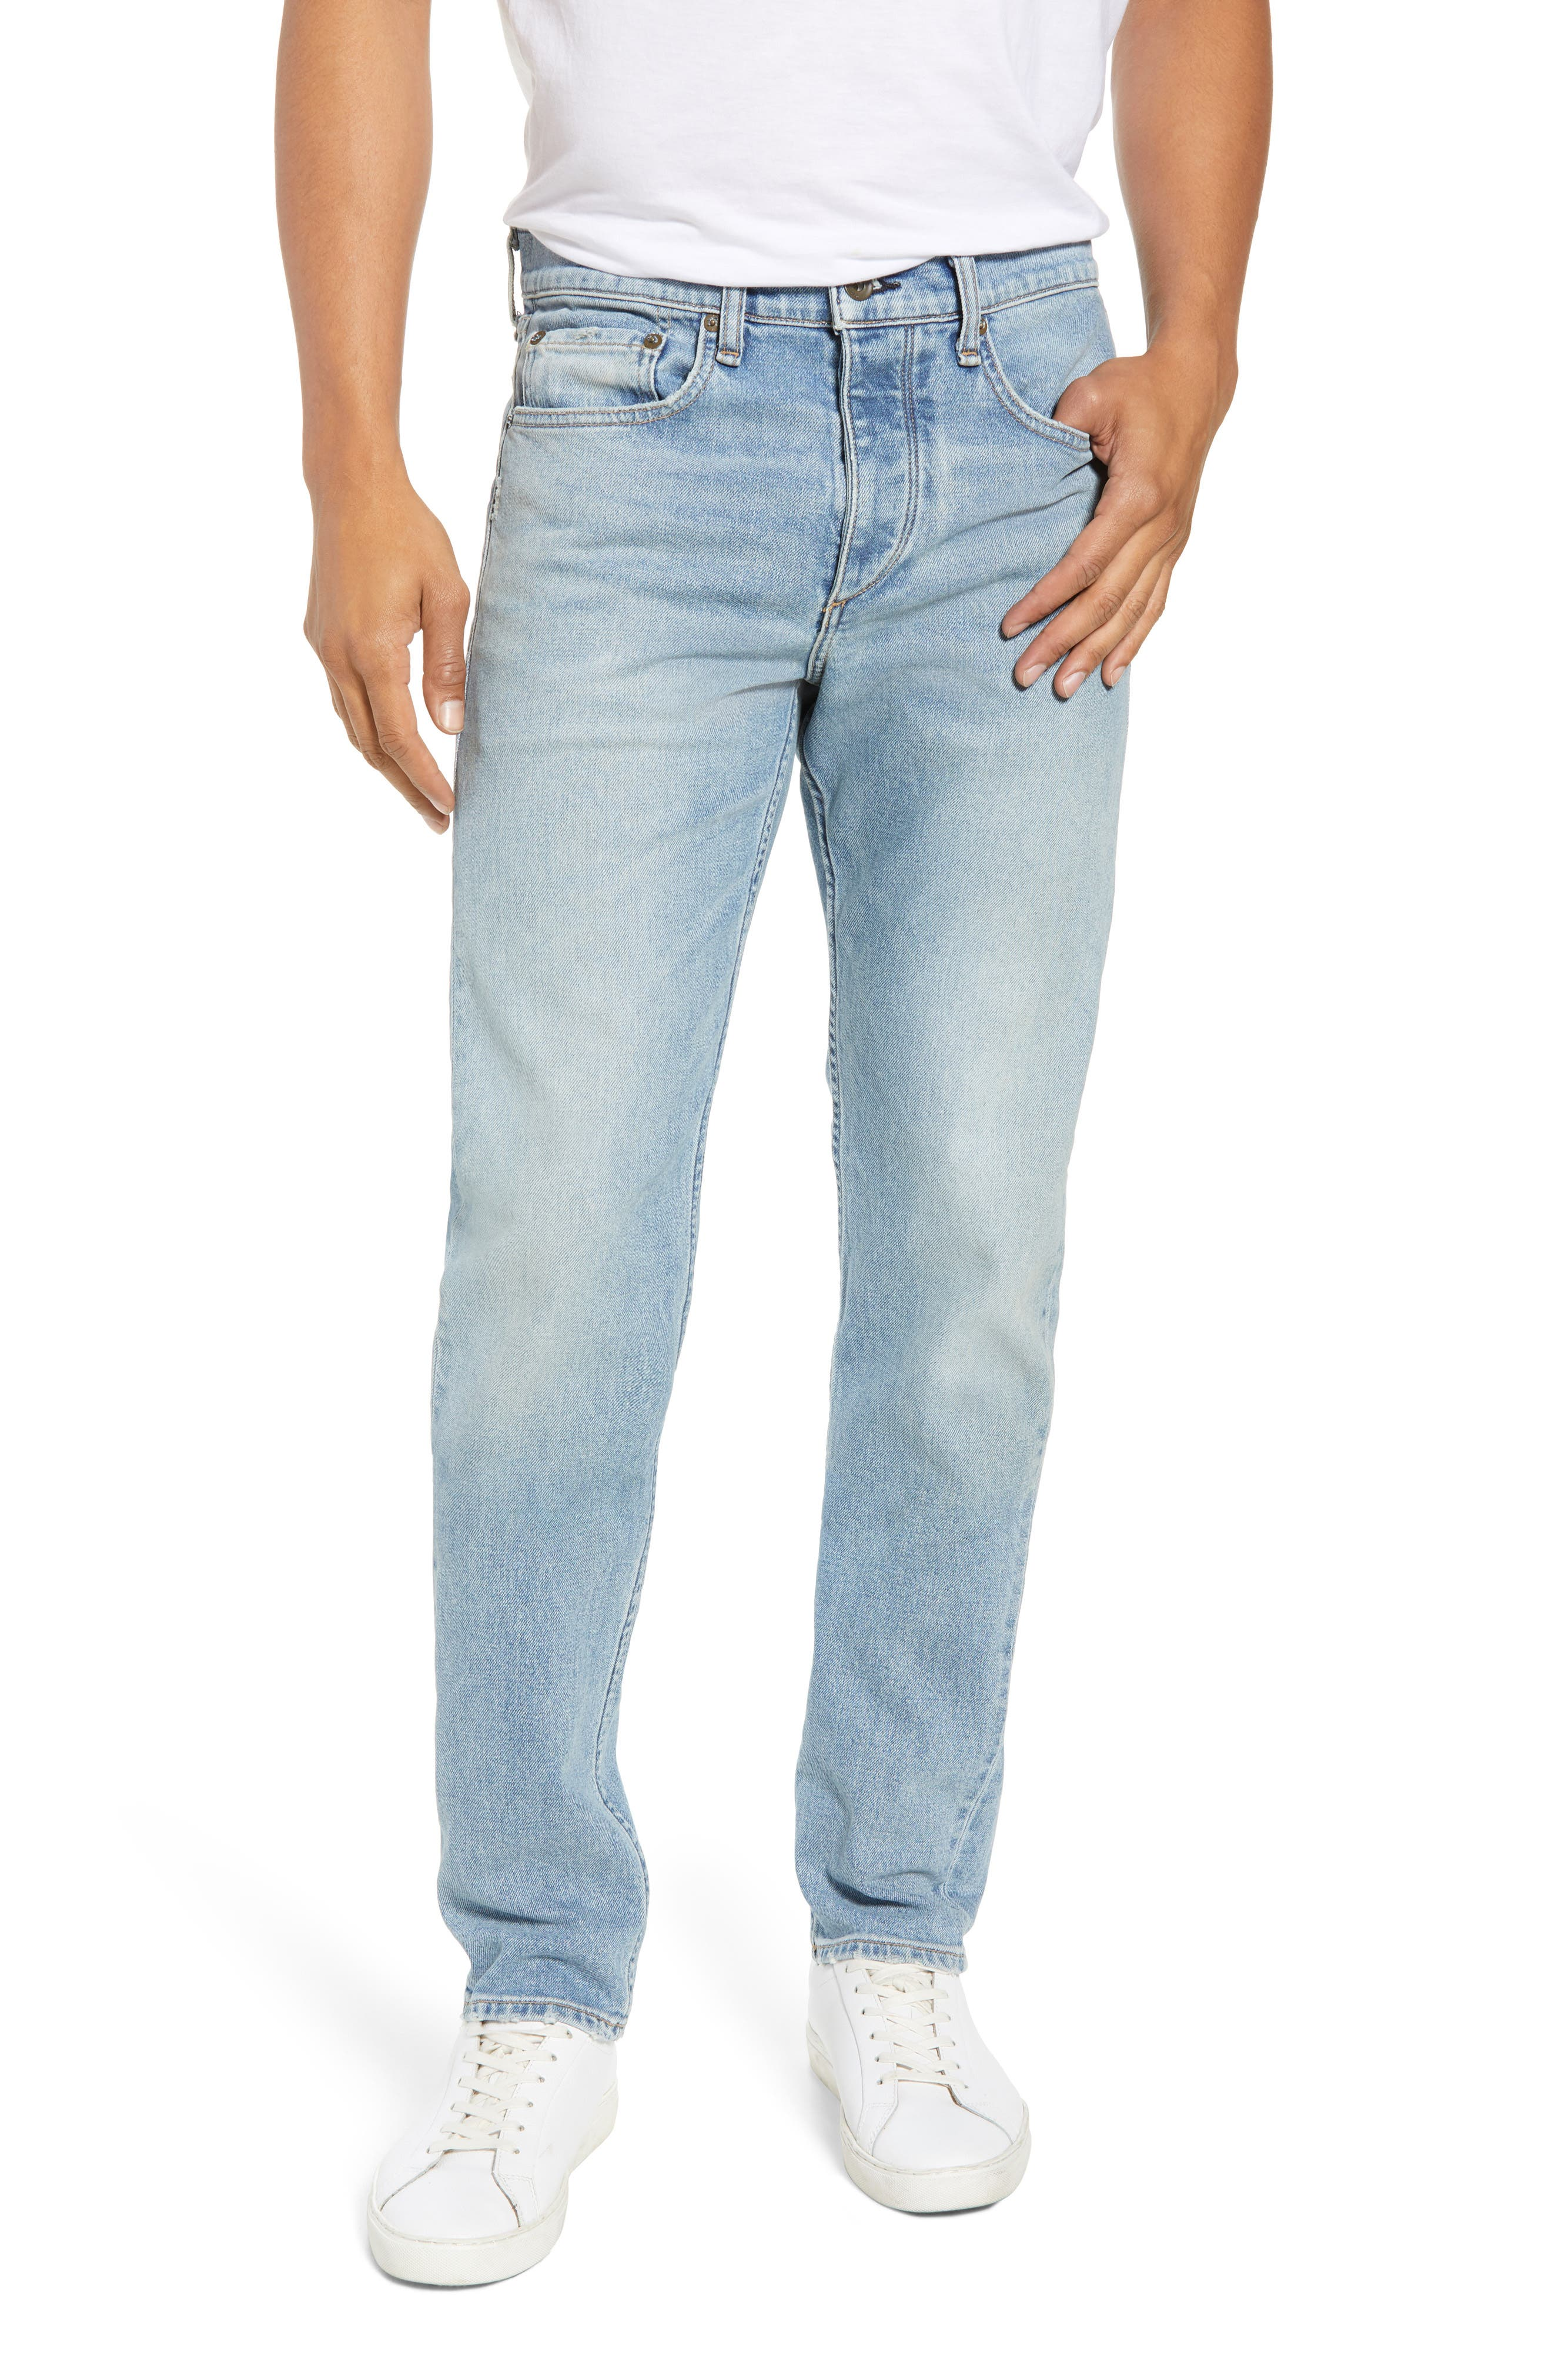 Fit 2 Slim Fit Jeans,                             Main thumbnail 1, color,                             400